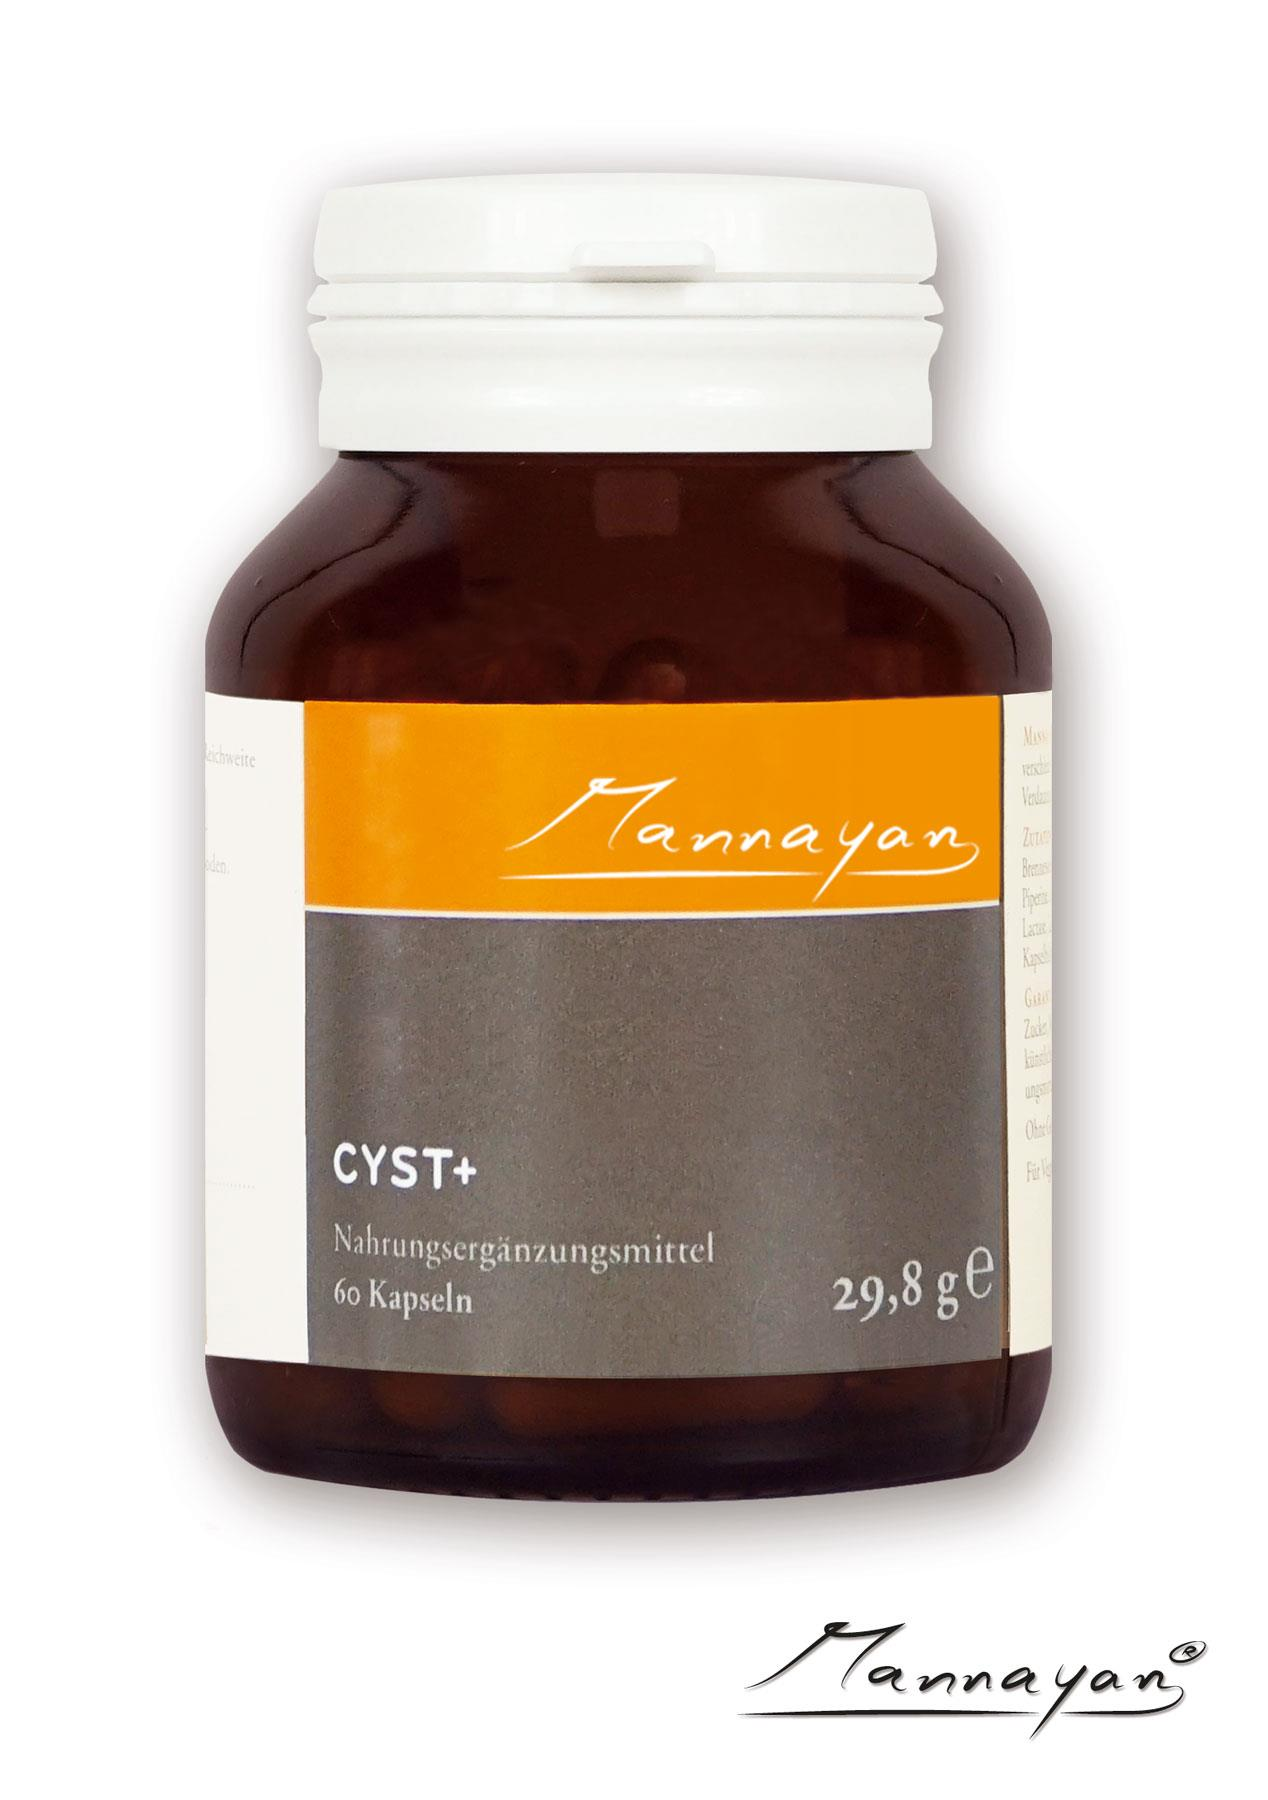 Cyst+ von Mannayan